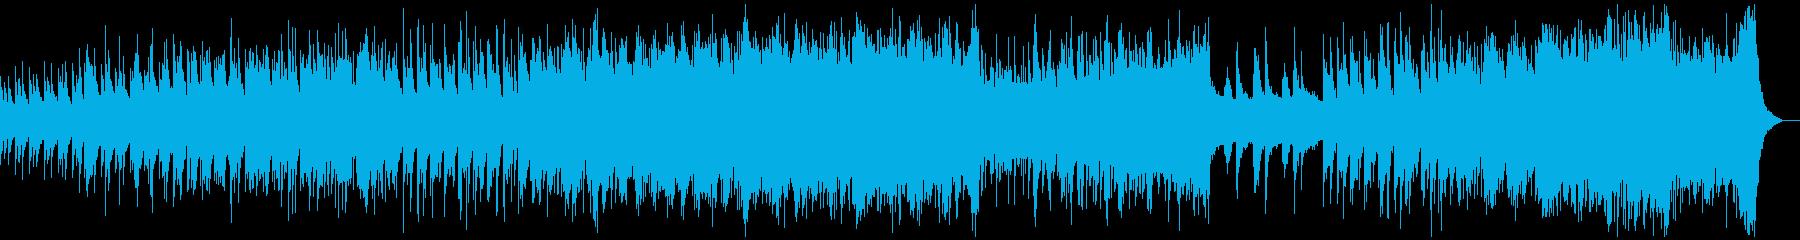 箏・雅楽・シンセによる厳かな天上の響きの再生済みの波形